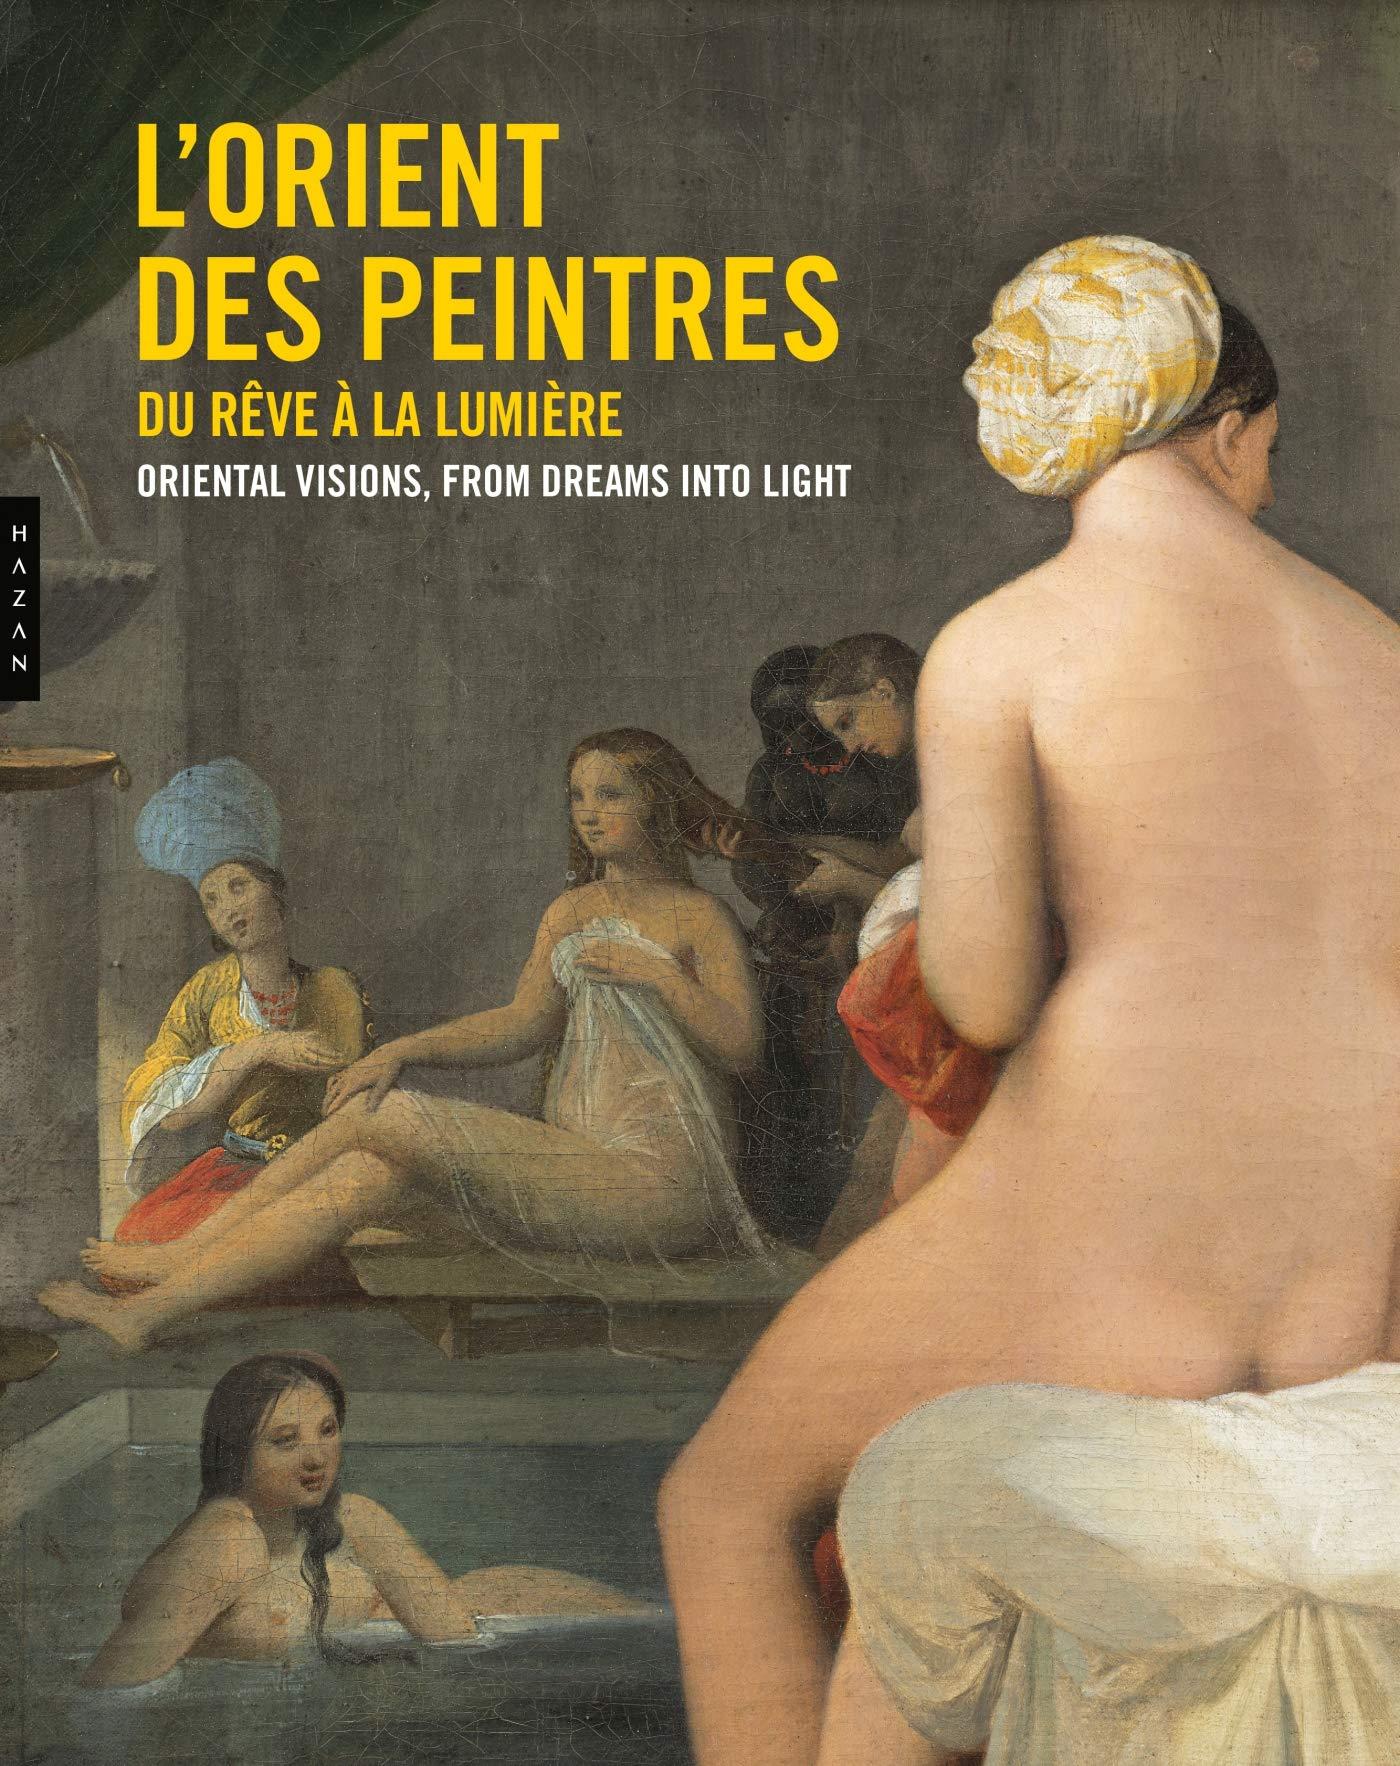 L'Orient des peintres, du rêve à la lumière por Christine Peltre